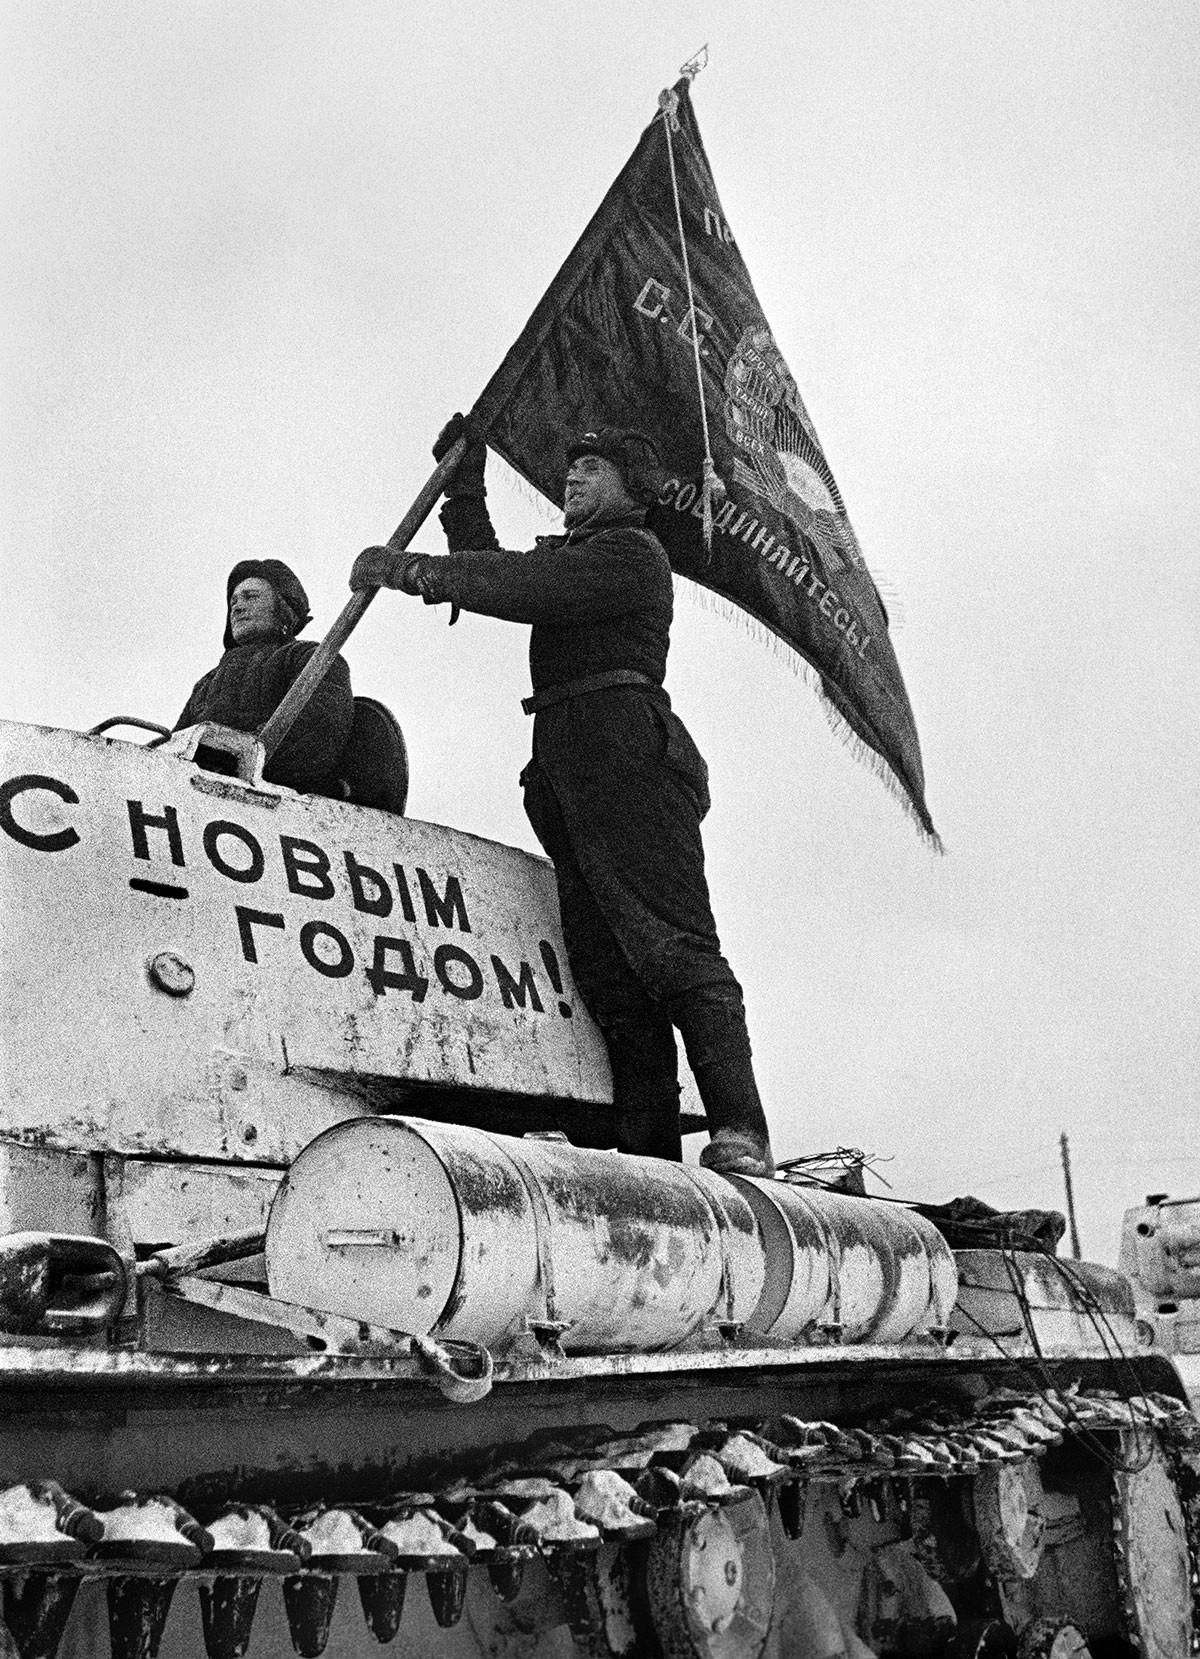 Тенкисти са заставом пред одлазак на фронт. Одбрана Москве, 31. децембар 1941.